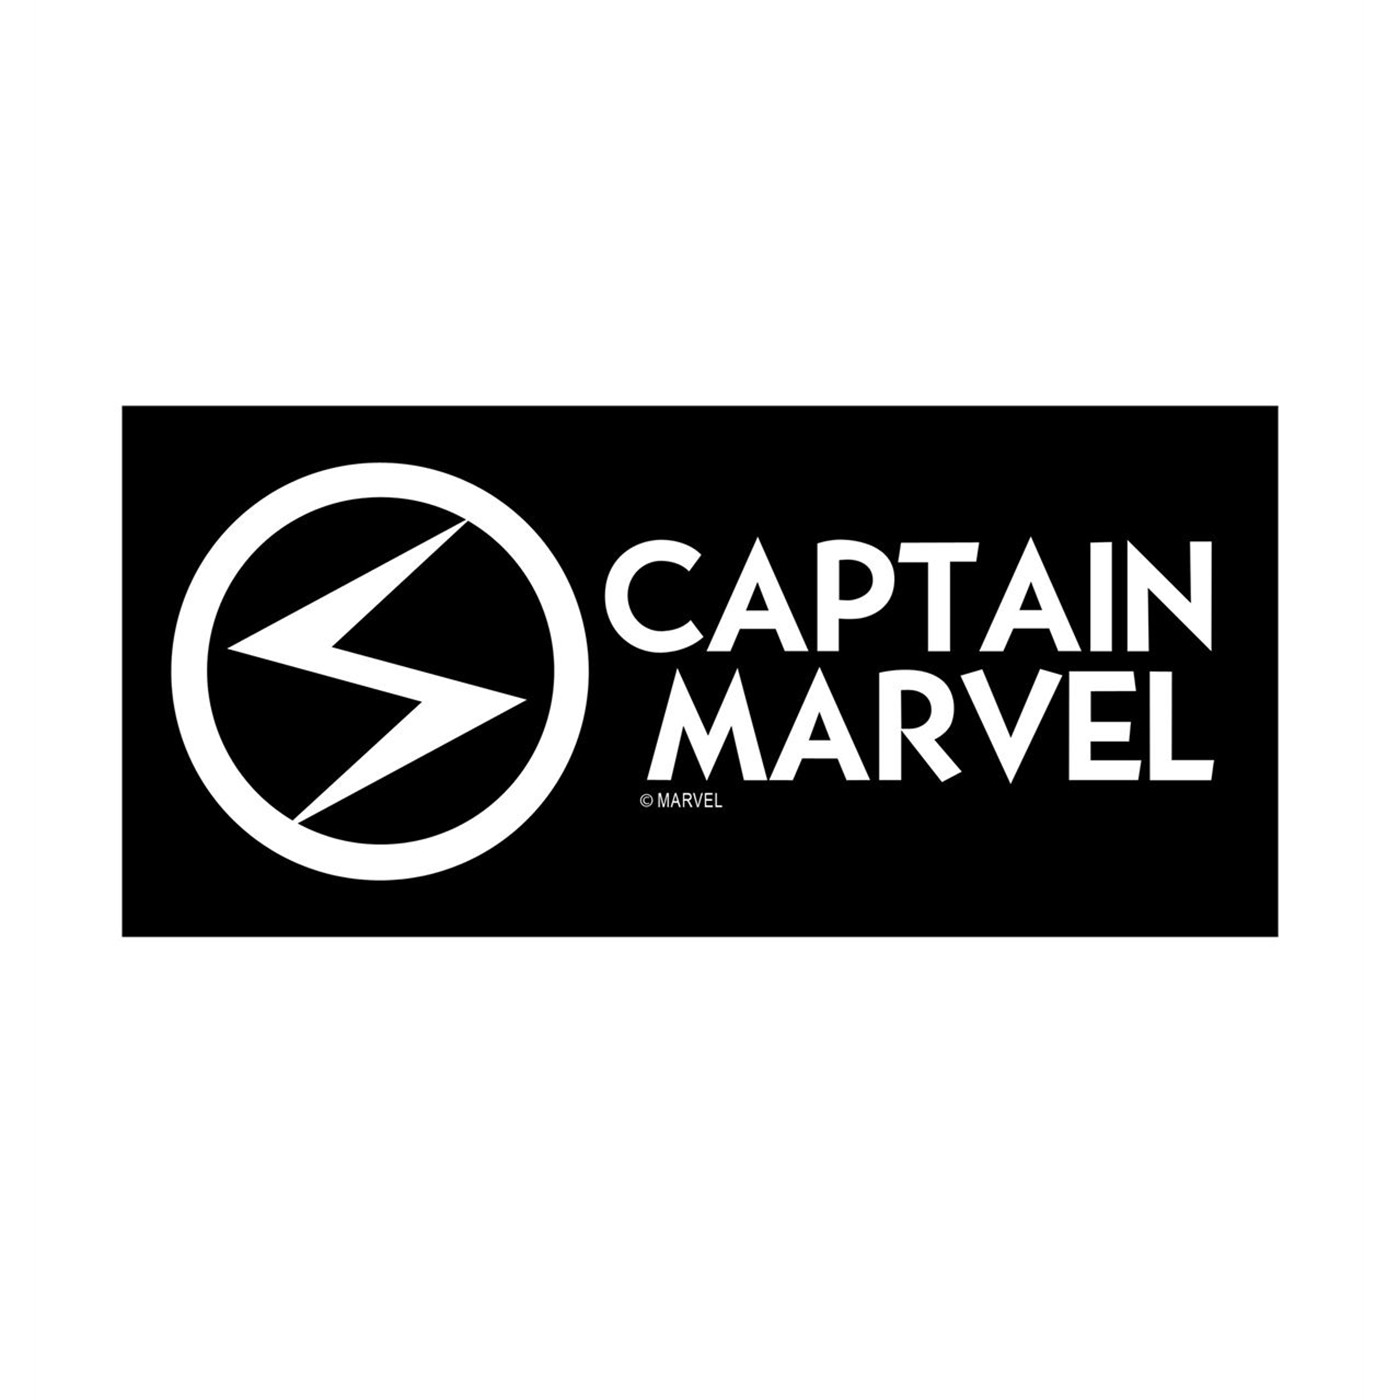 Captain Marvel White Decal